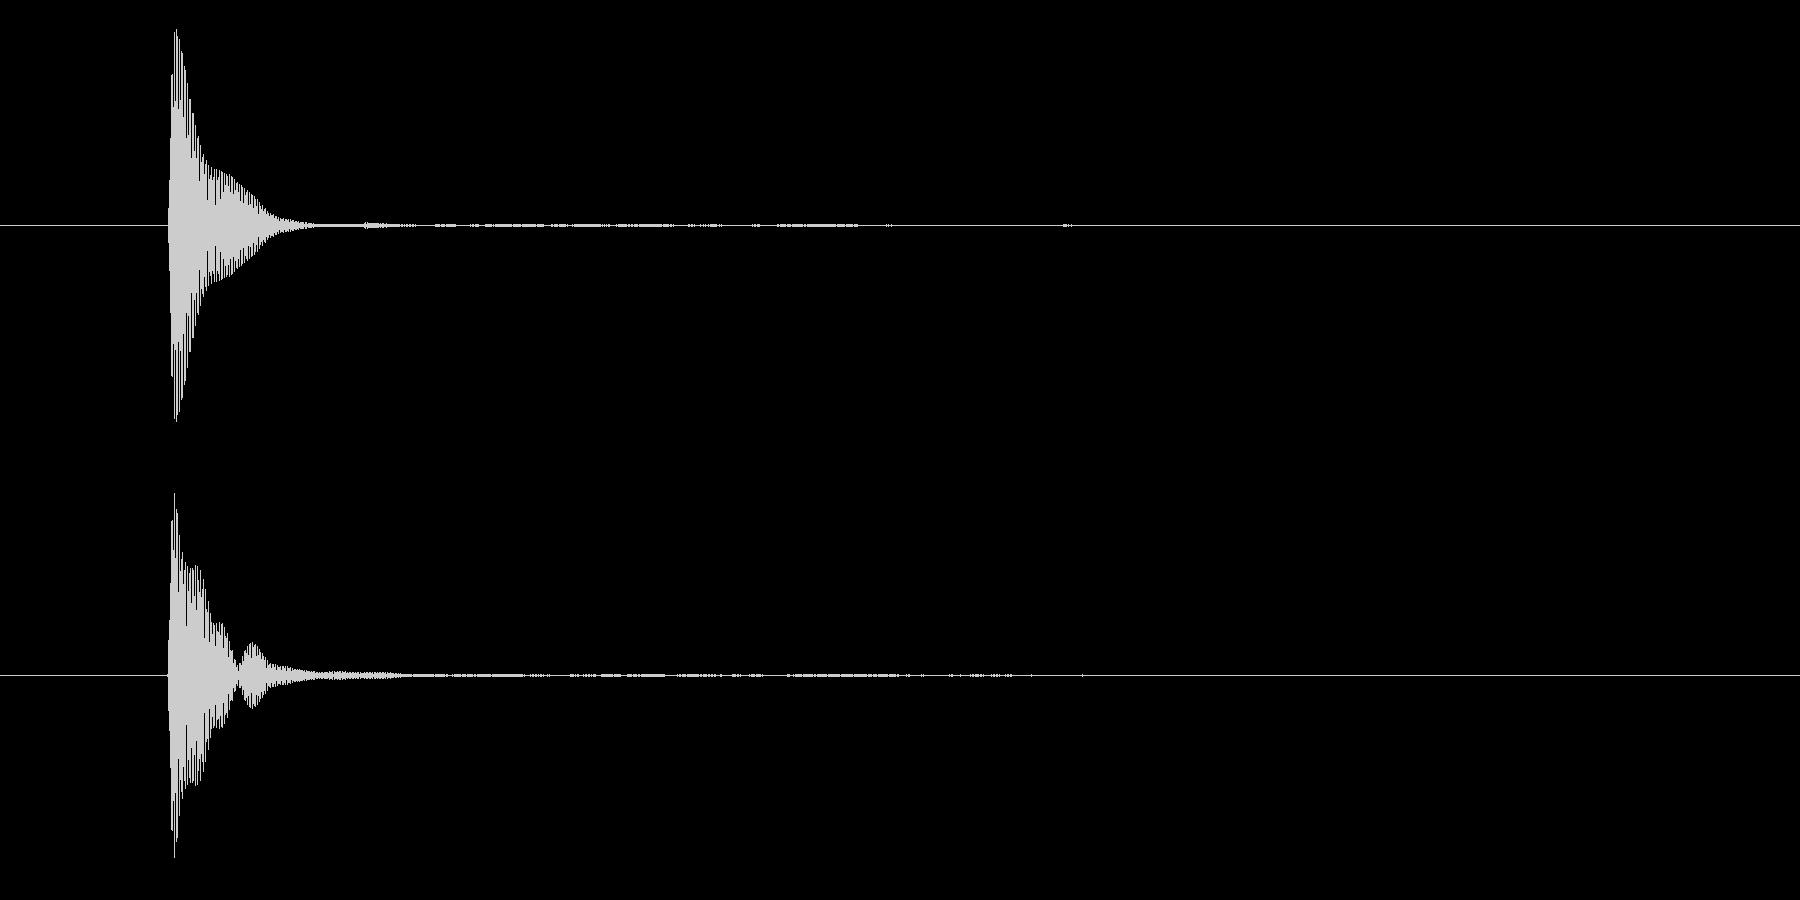 ポン(カーソル・入力・決定・システム音)の未再生の波形